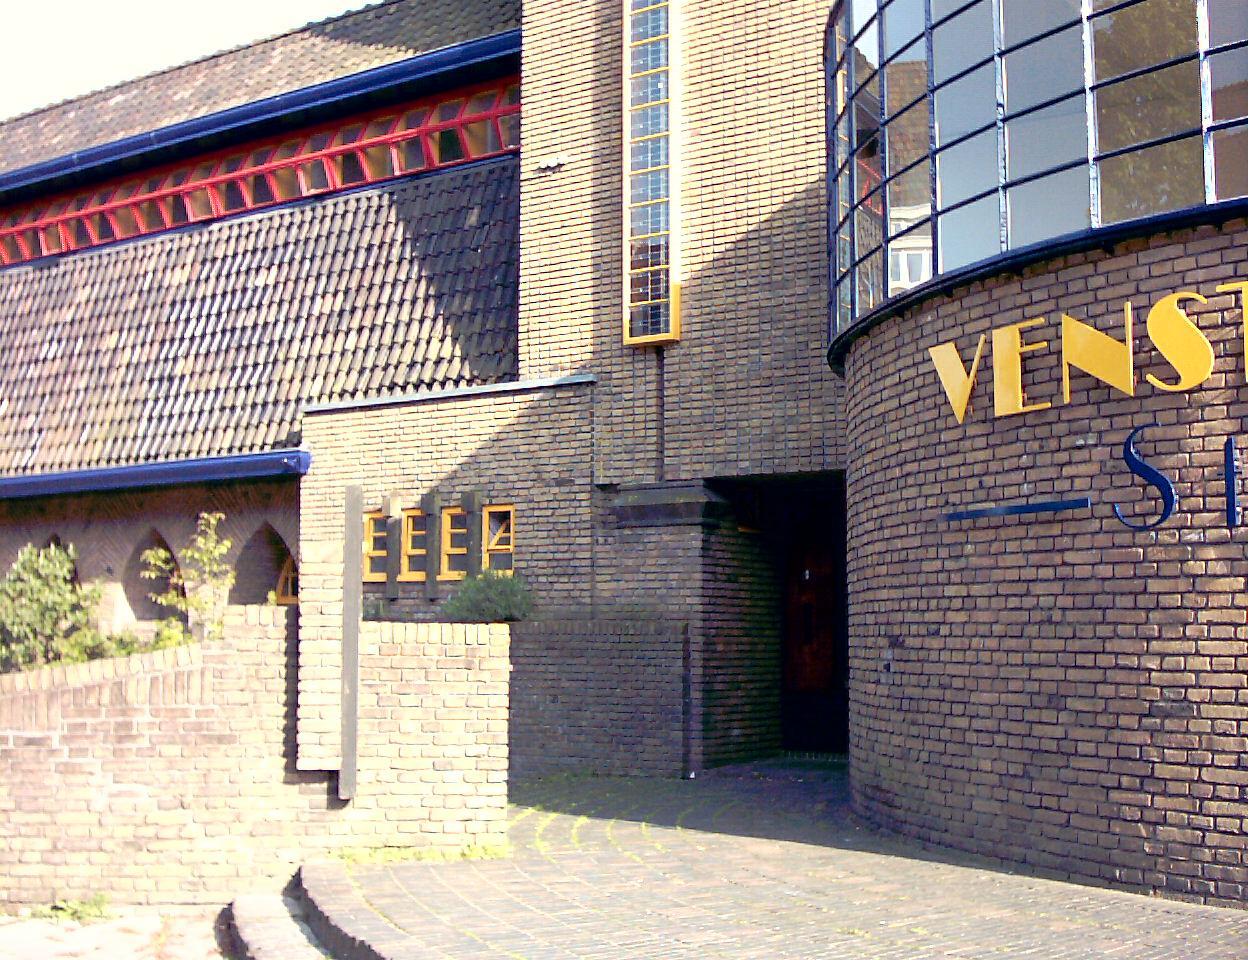 Dubbschool van SJ Bouma in Groningen